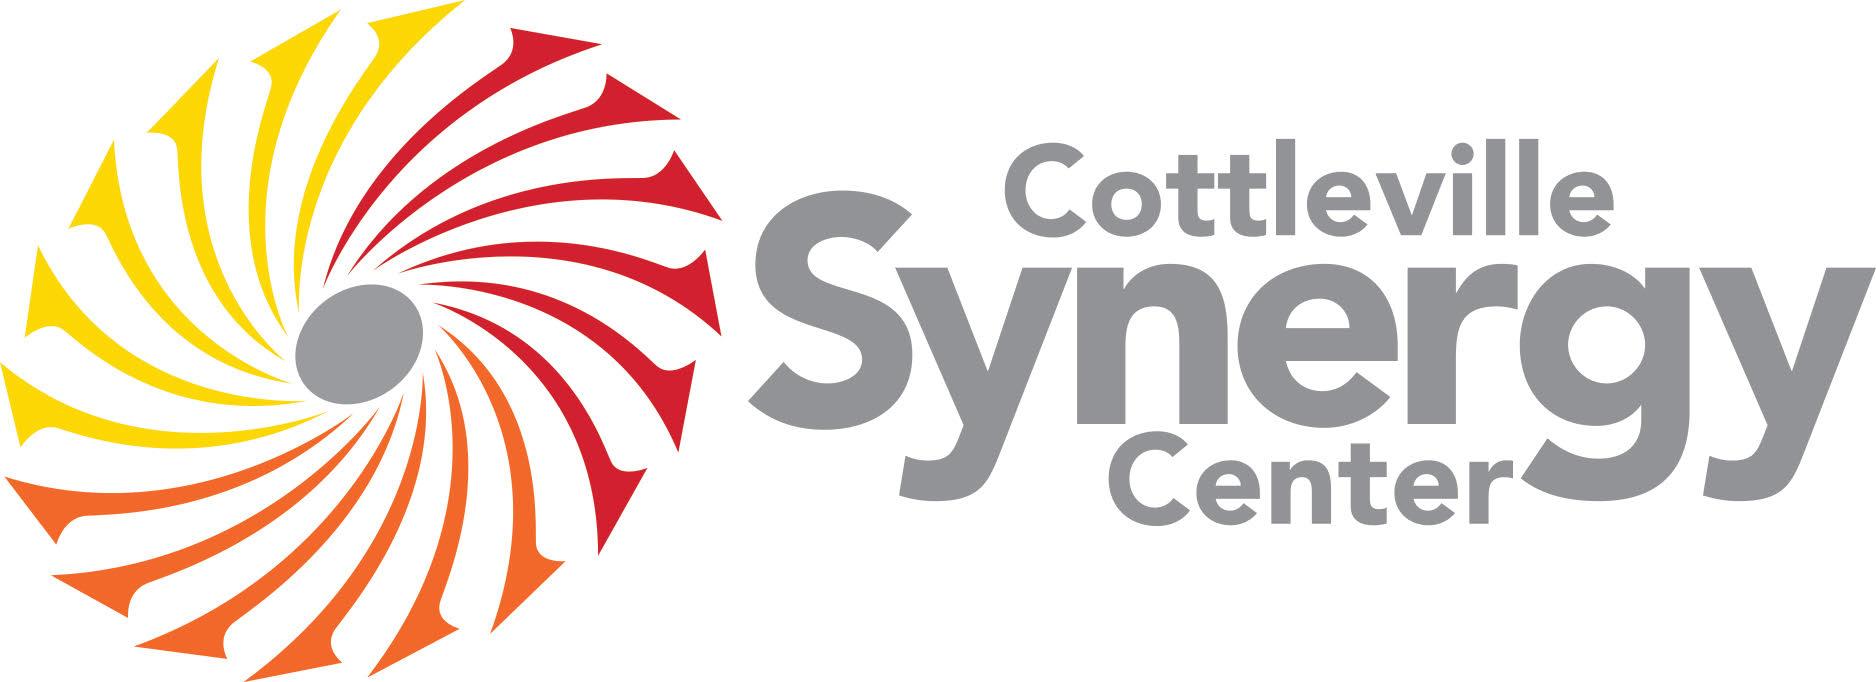 Cottleville Synergy Center Logo